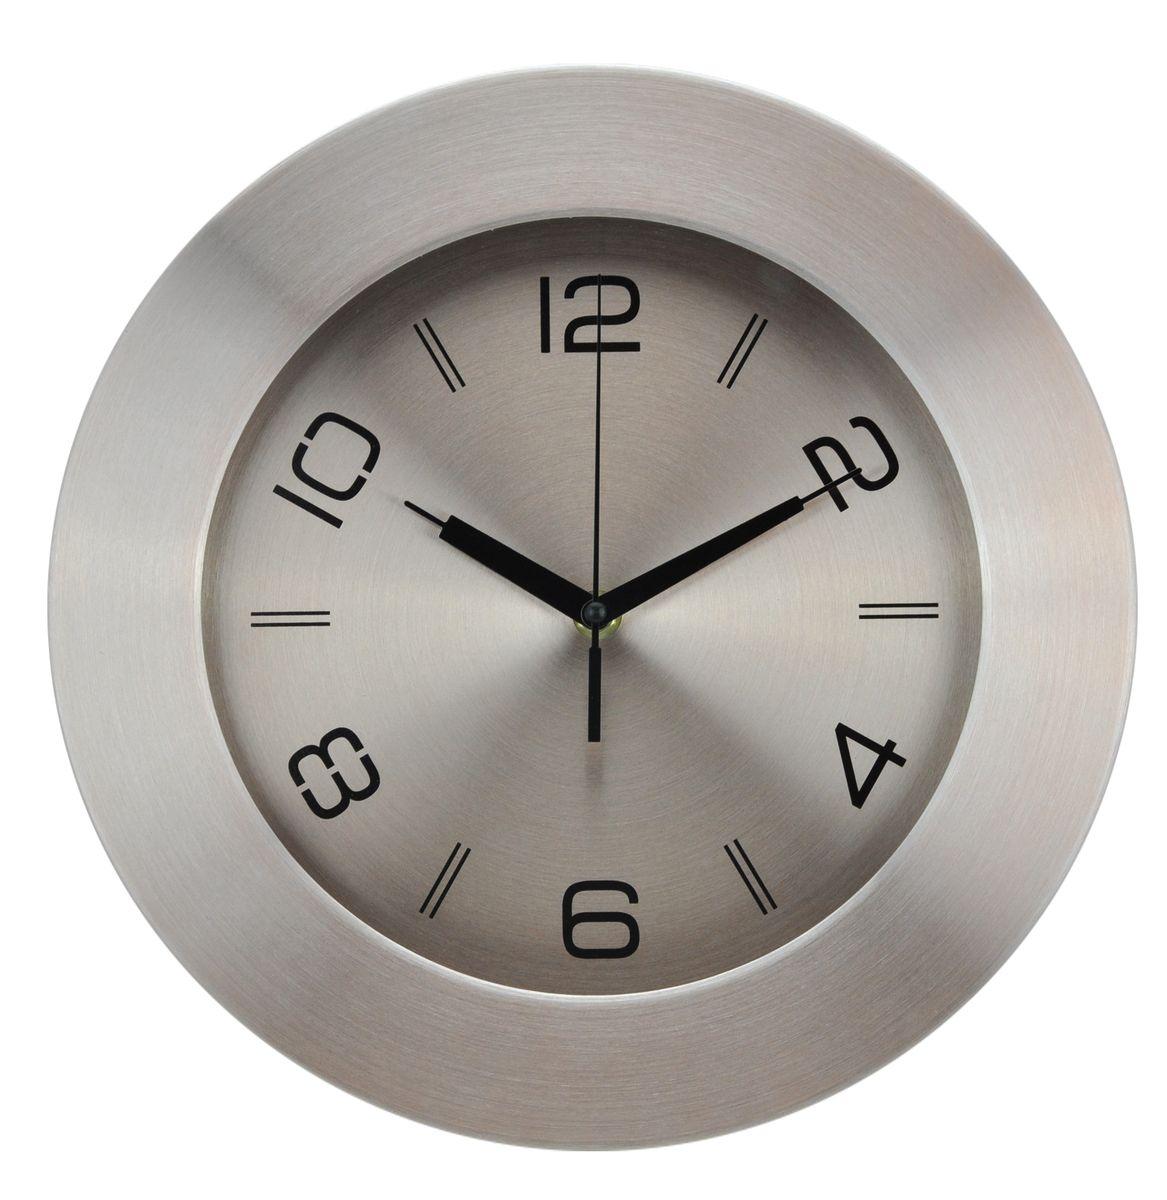 Настенные часы Arte Nuevo, 30 см. EG7763-CU97EG7763-CU97